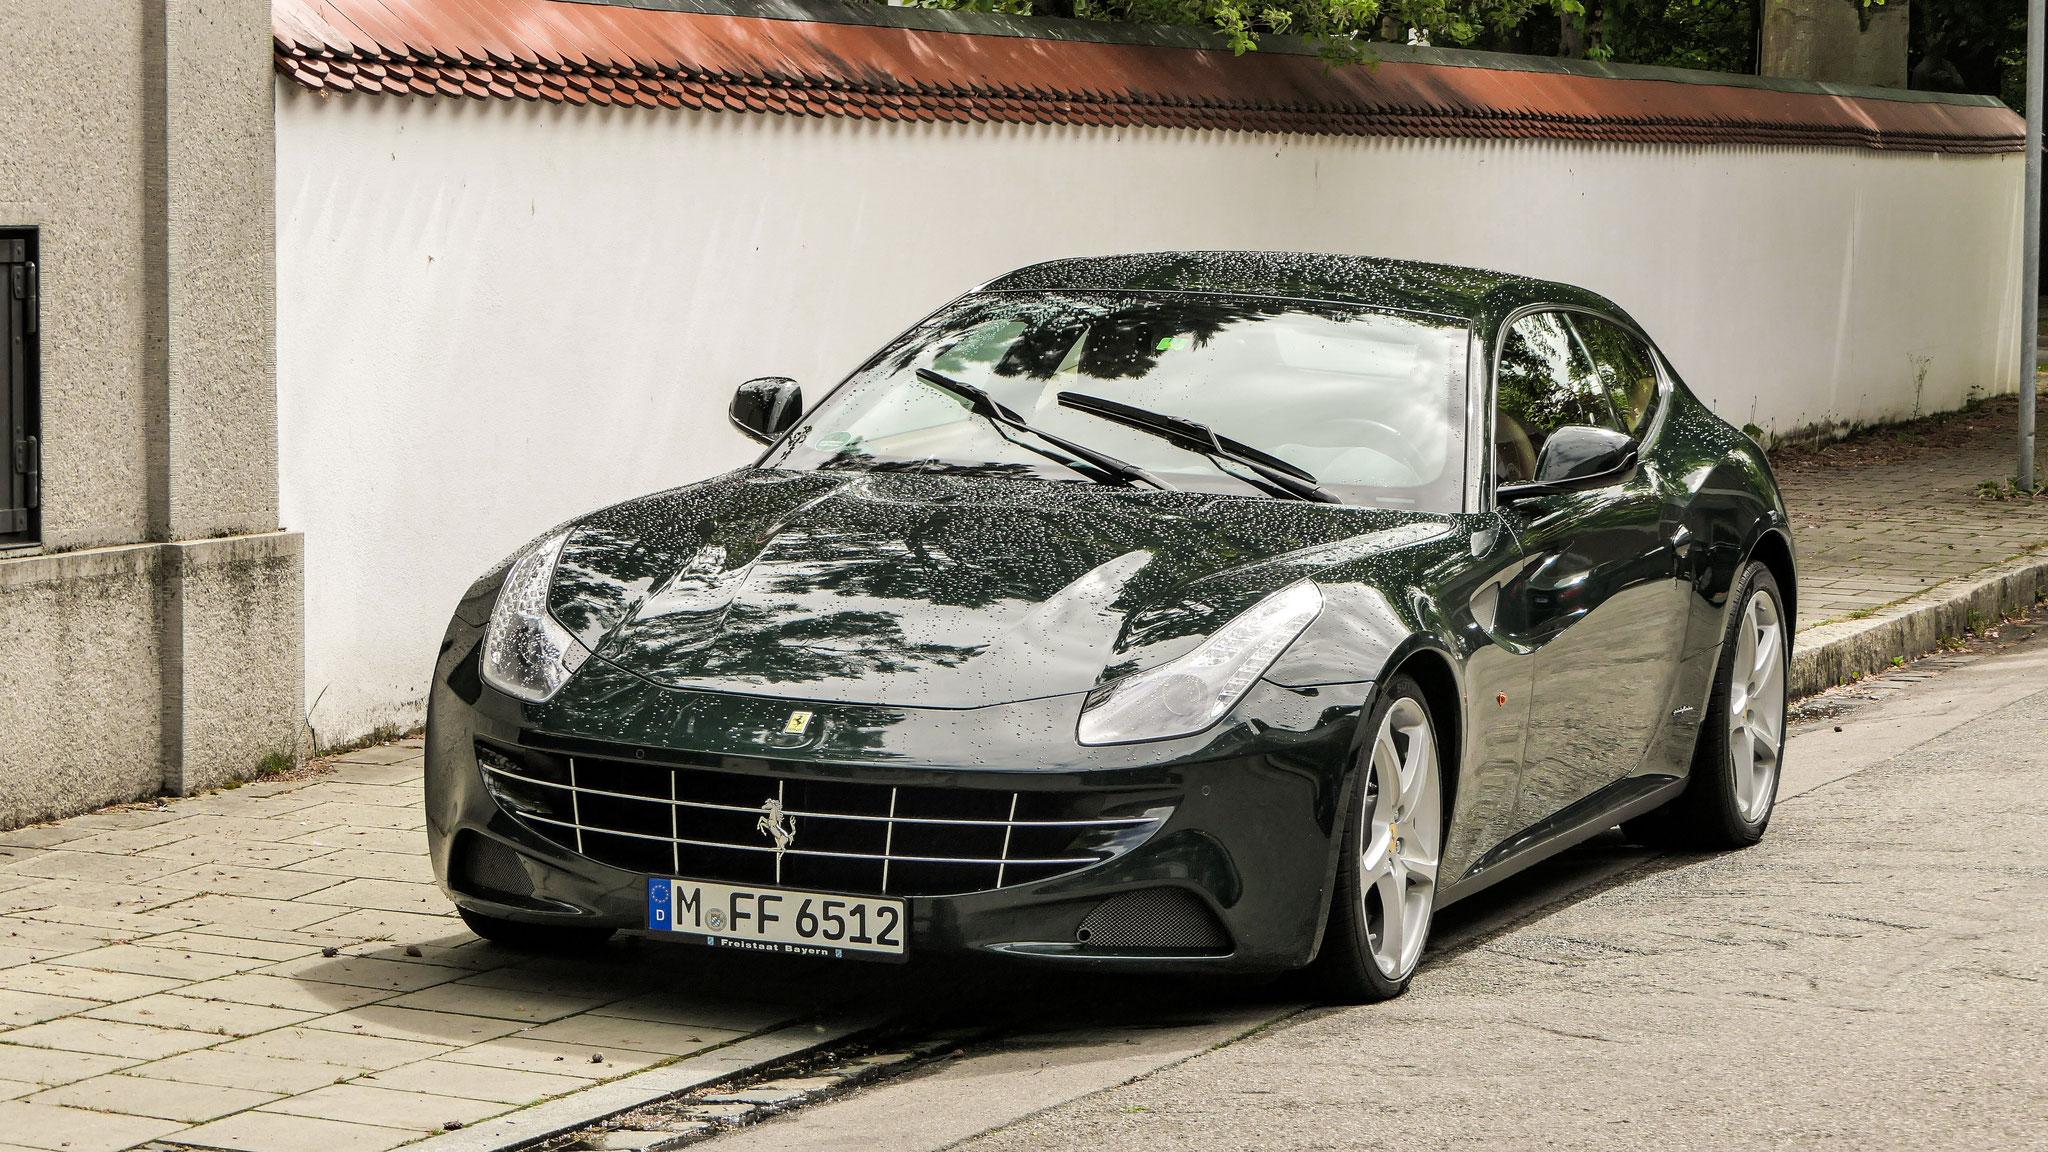 Ferrari FF - M-FF-6512